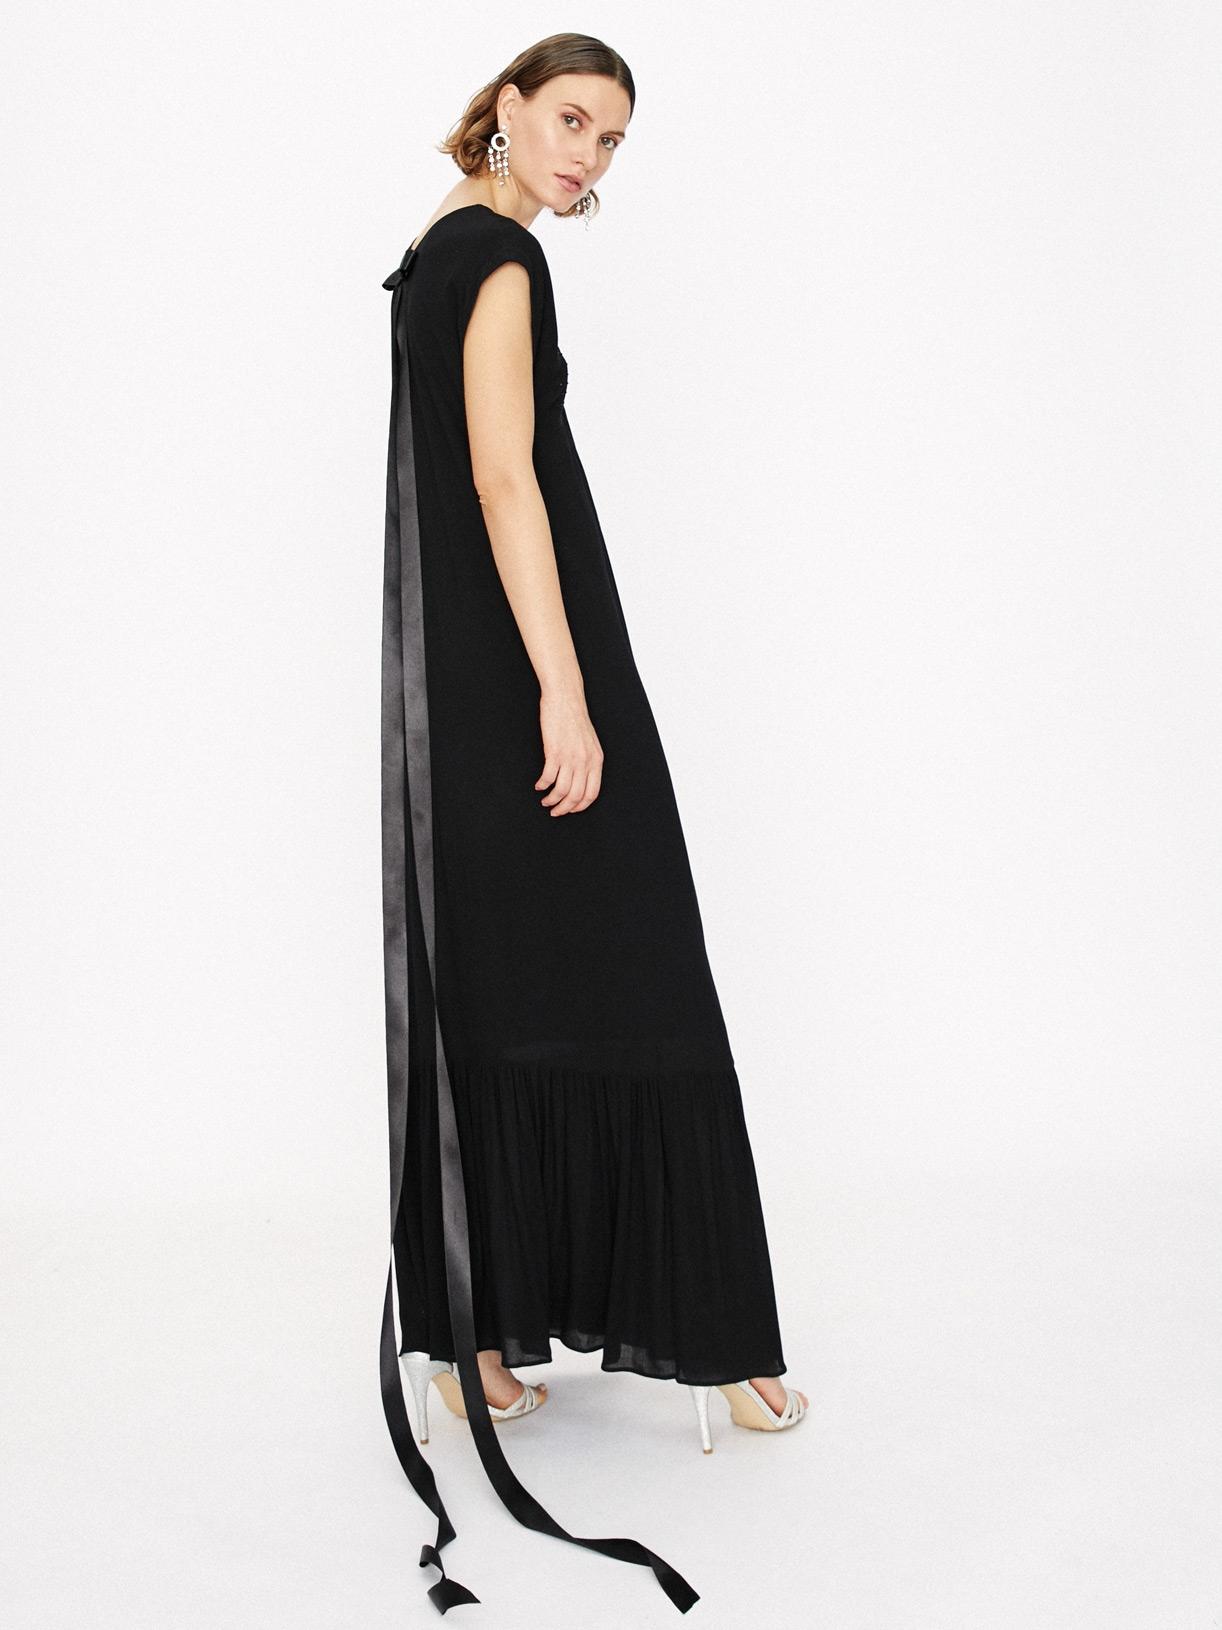 Robe de soiree noire longue a volants écoresponsable - Creatrice de mode éthique et bio a Paris - Myphilosophy